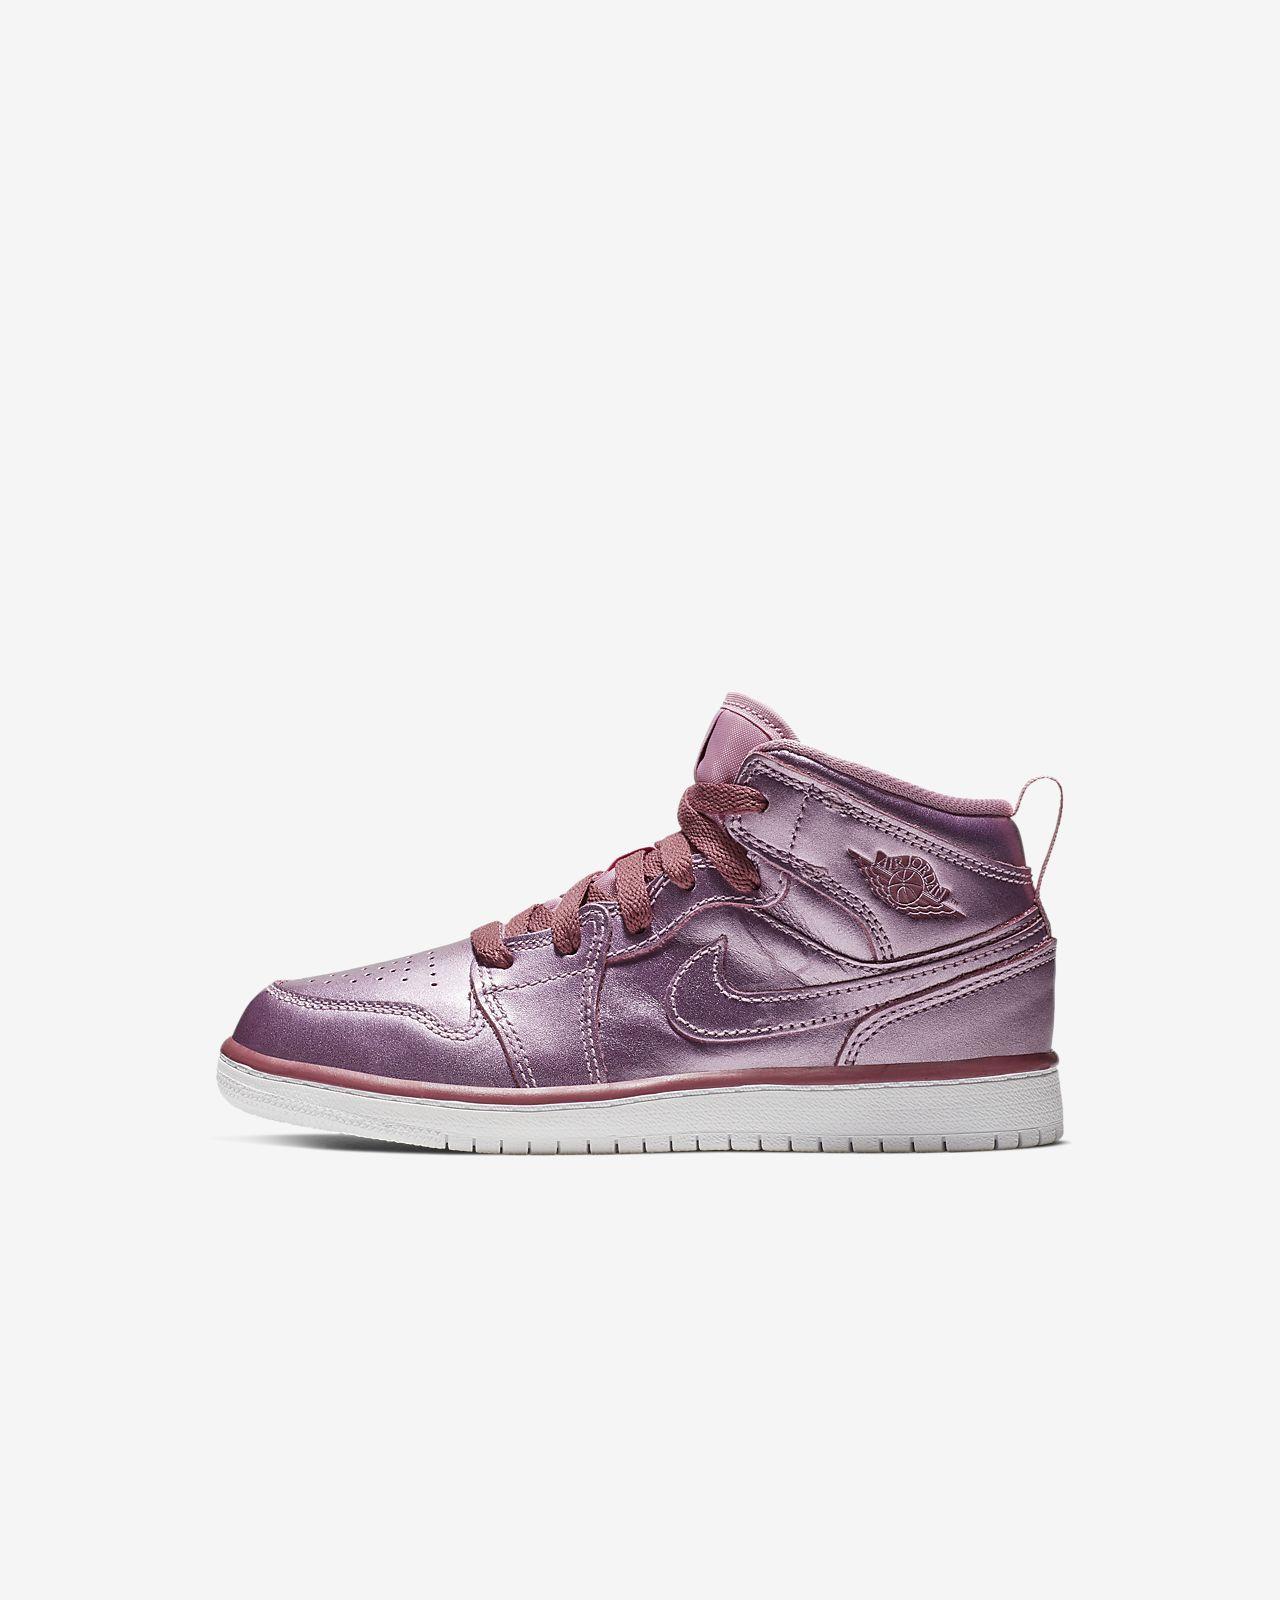 various colors d0820 84d3d Jordan 1 Mid SE Little Kids  Shoe (10.5c-3y)